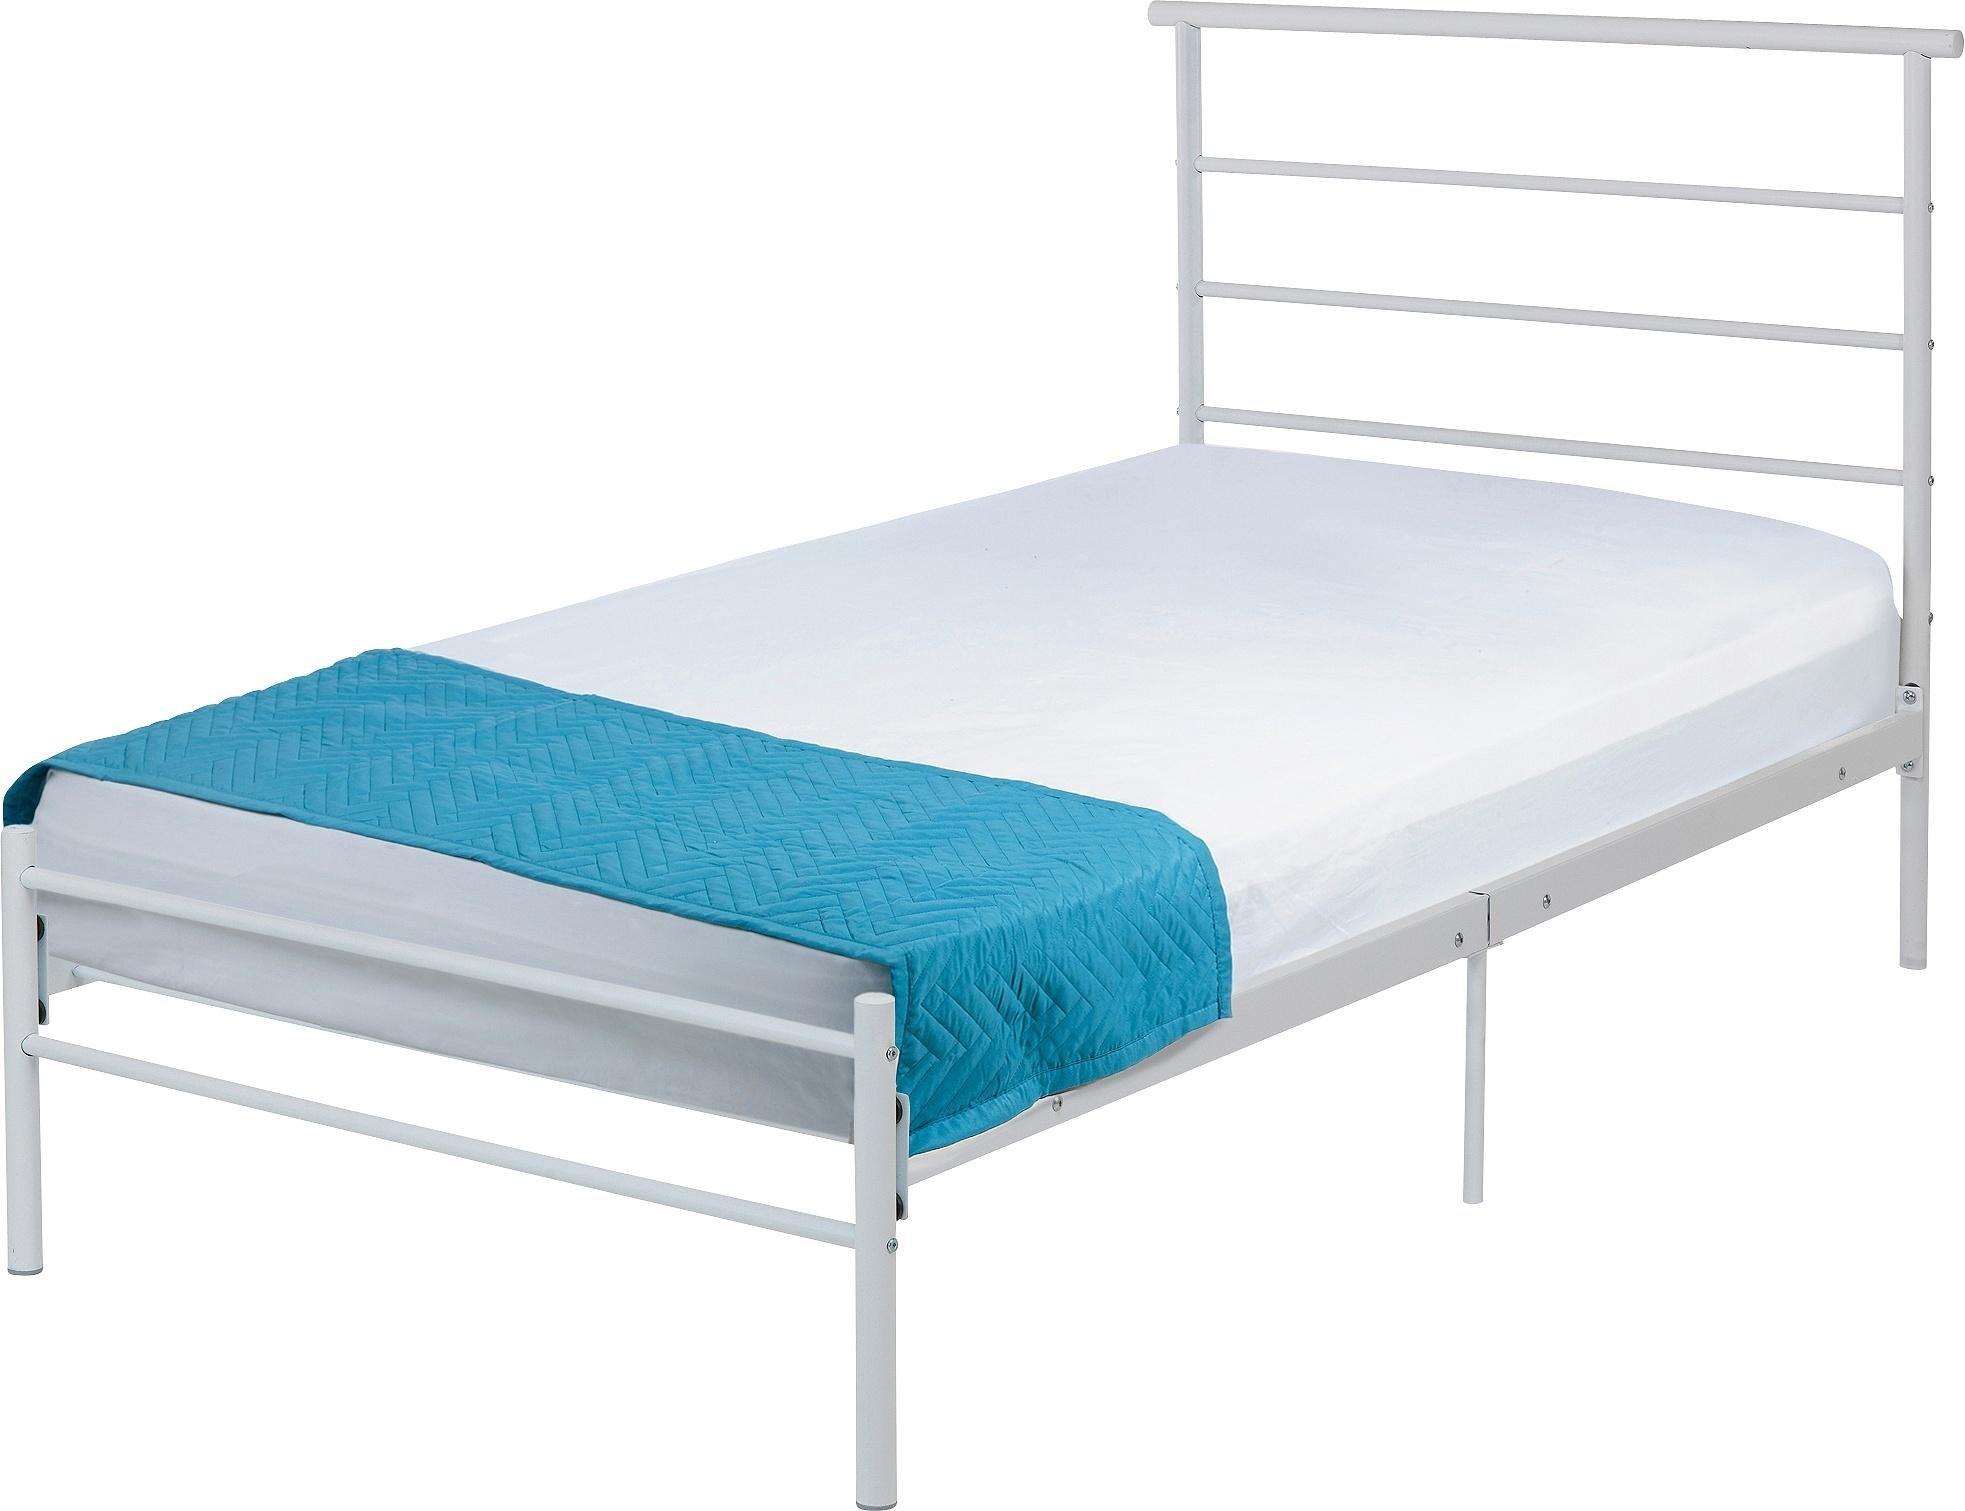 home avalon single bed frame white